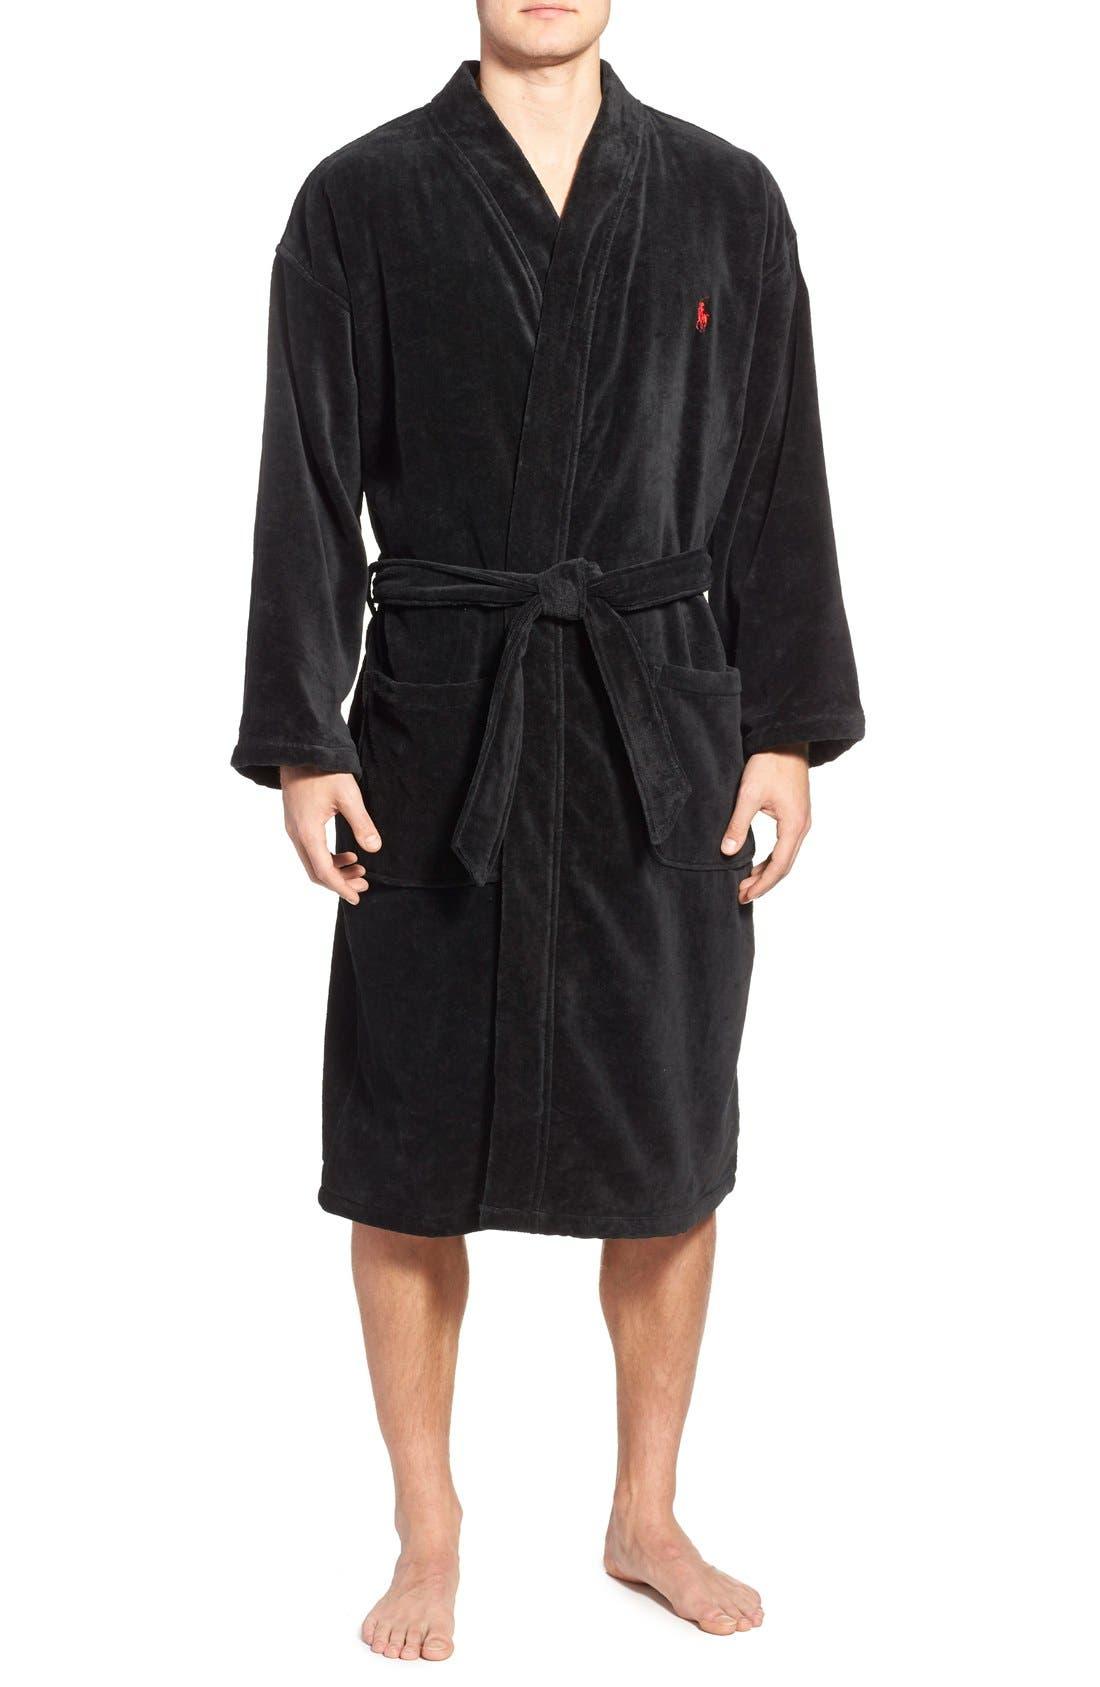 POLO RALPH LAUREN, Cotton Fleece Robe, Main thumbnail 1, color, POLO BLACK